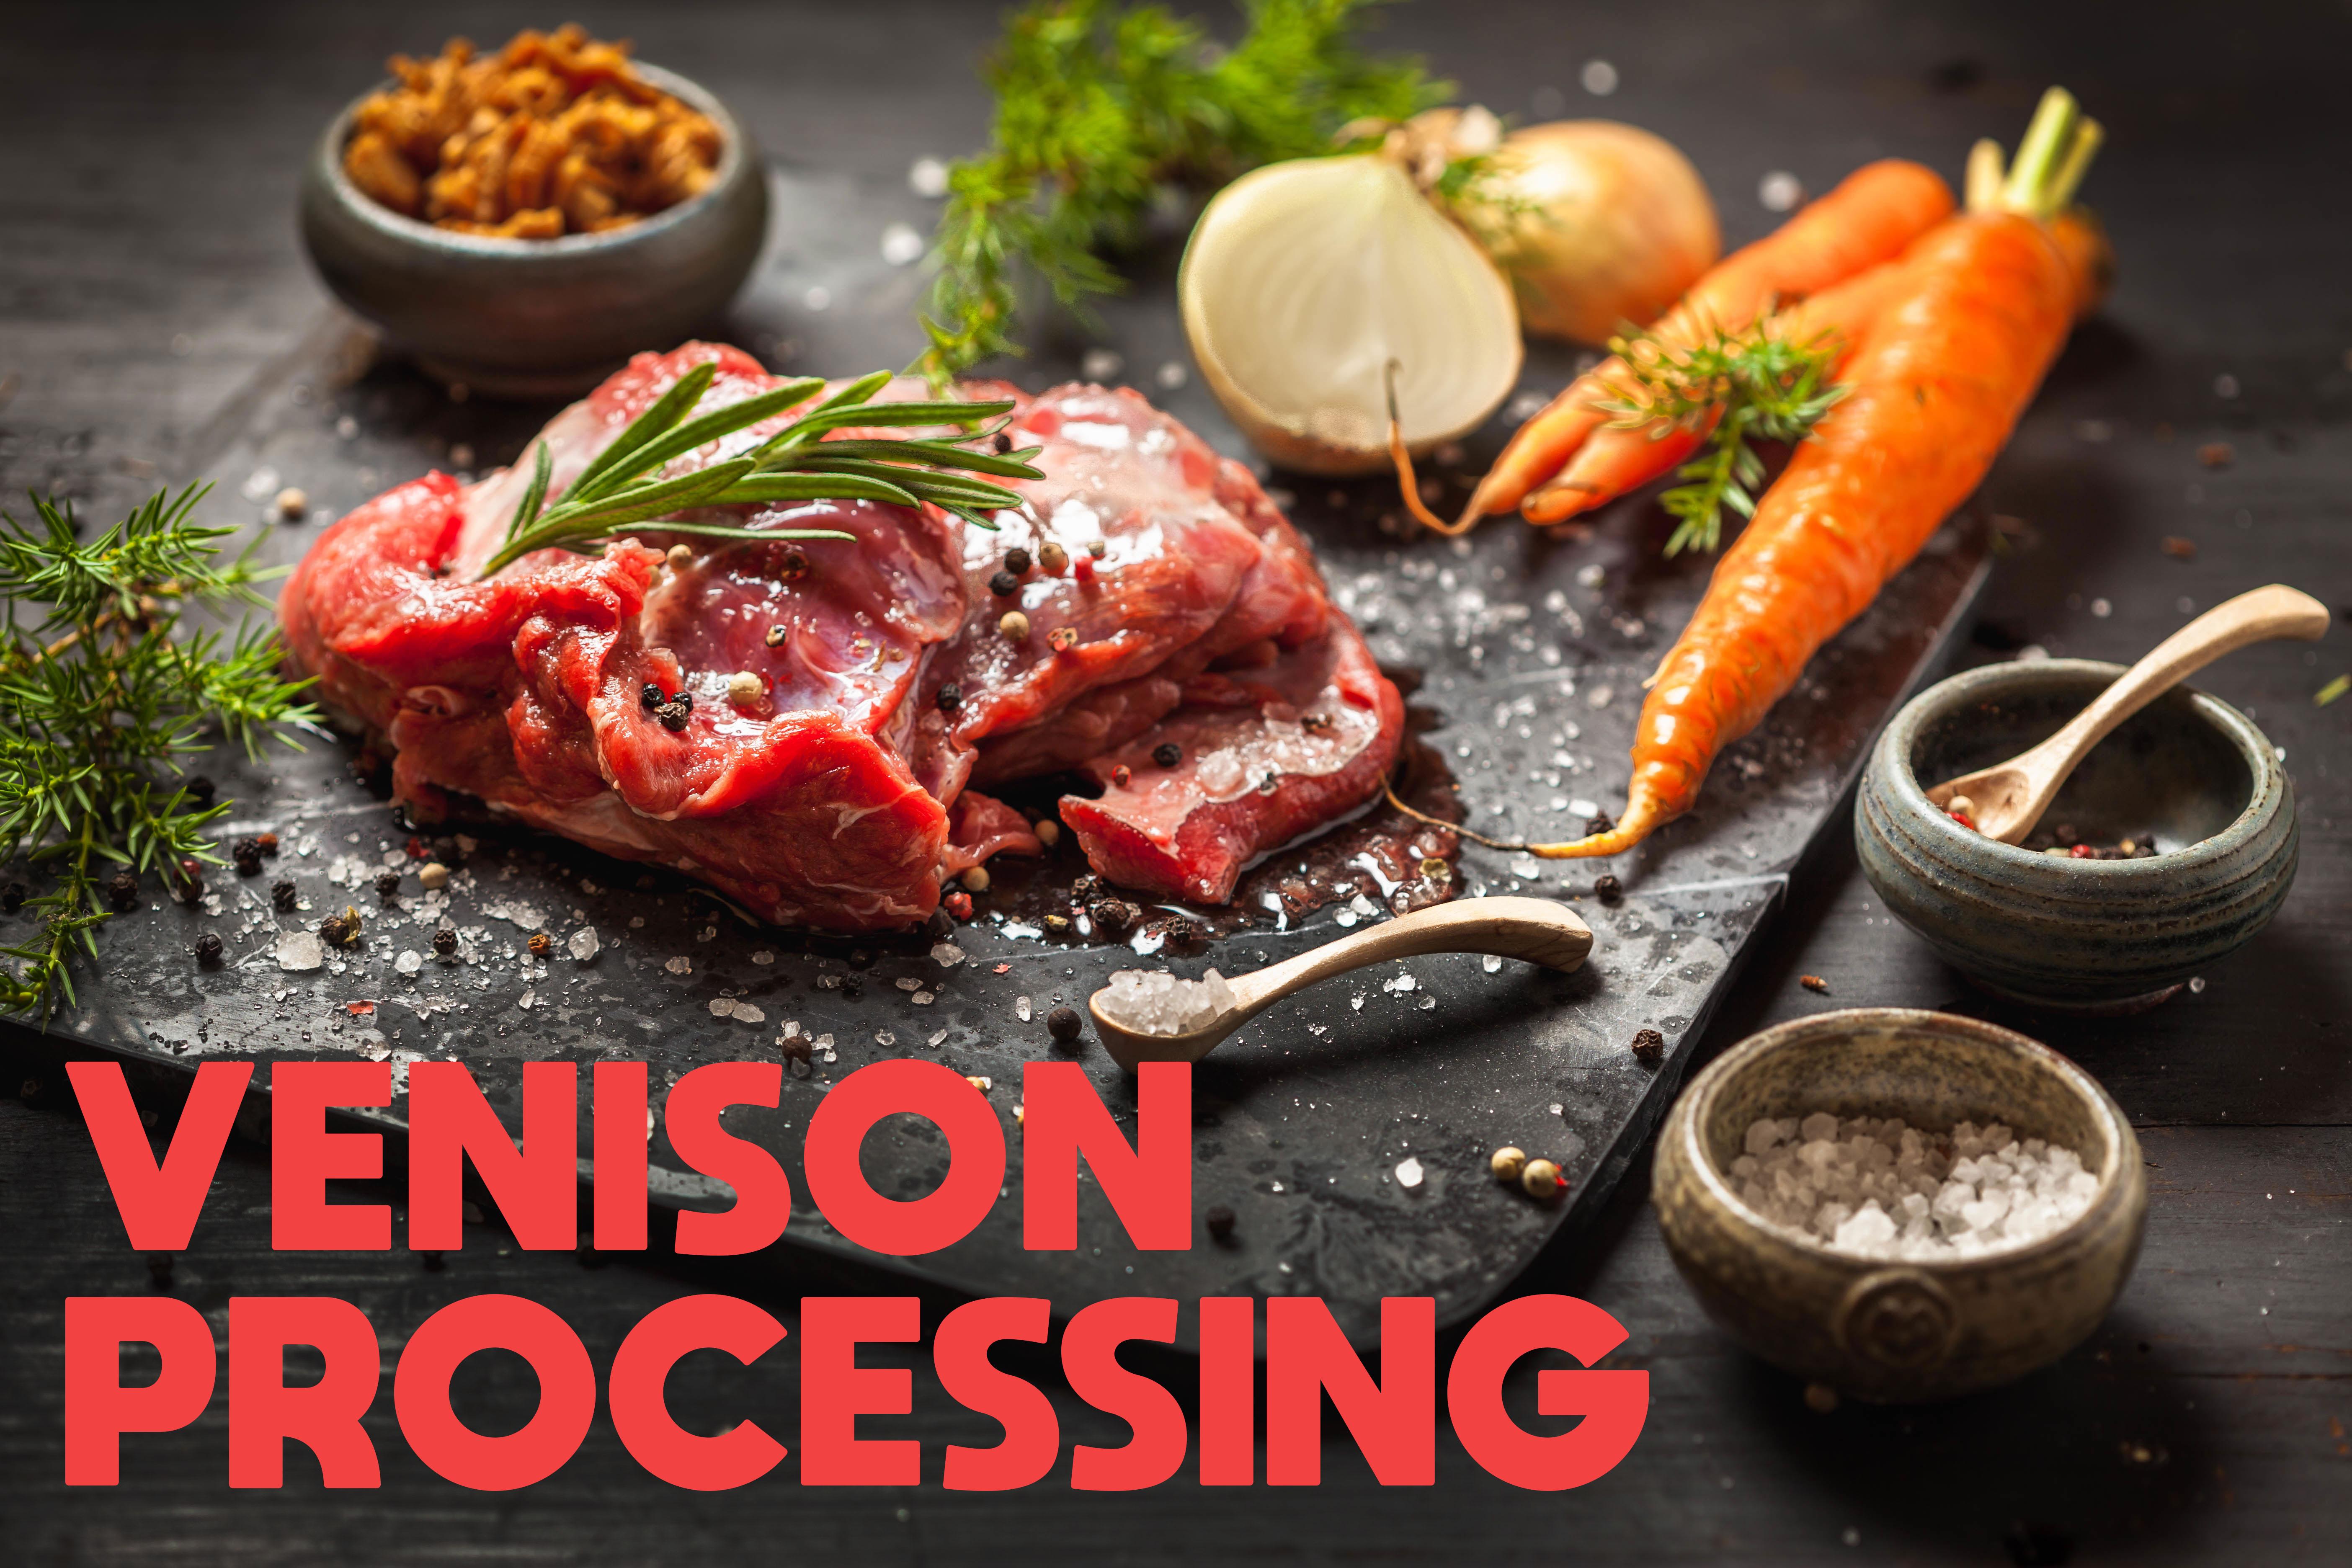 VENISON-PROCESSING